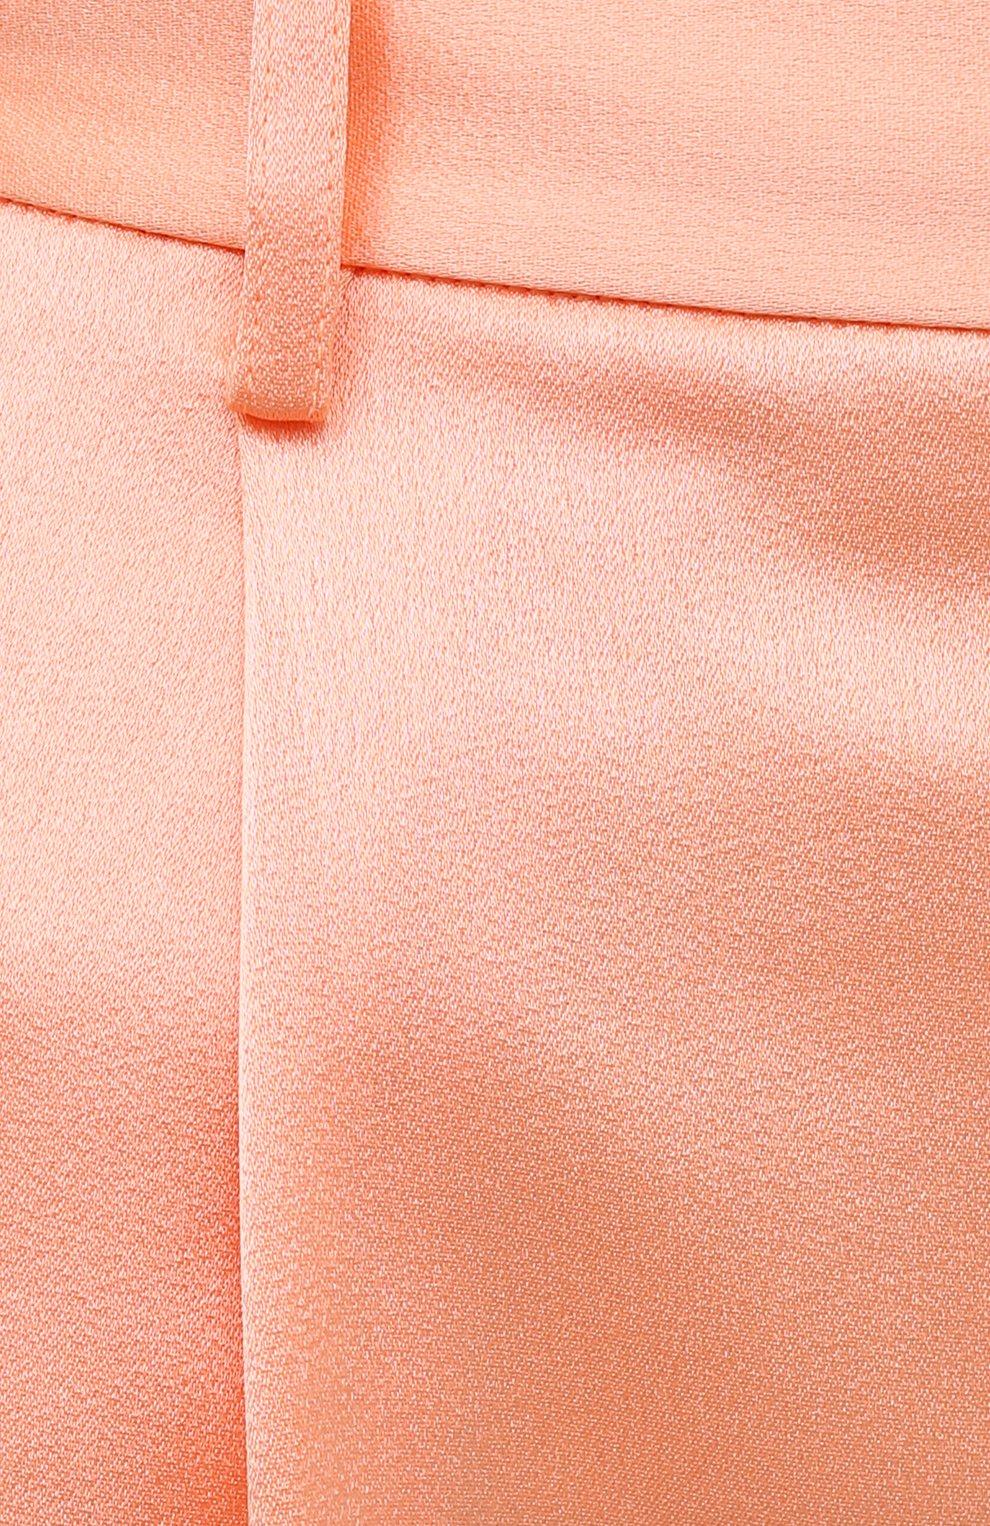 Женские шорты ALICE + OLIVIA оранжевого цвета, арт. CC004205610   Фото 5 (Женское Кросс-КТ: Шорты-одежда; Стили: Гламурный; Материал внешний: Синтетический материал; Длина Ж (юбки, платья, шорты): Миди)